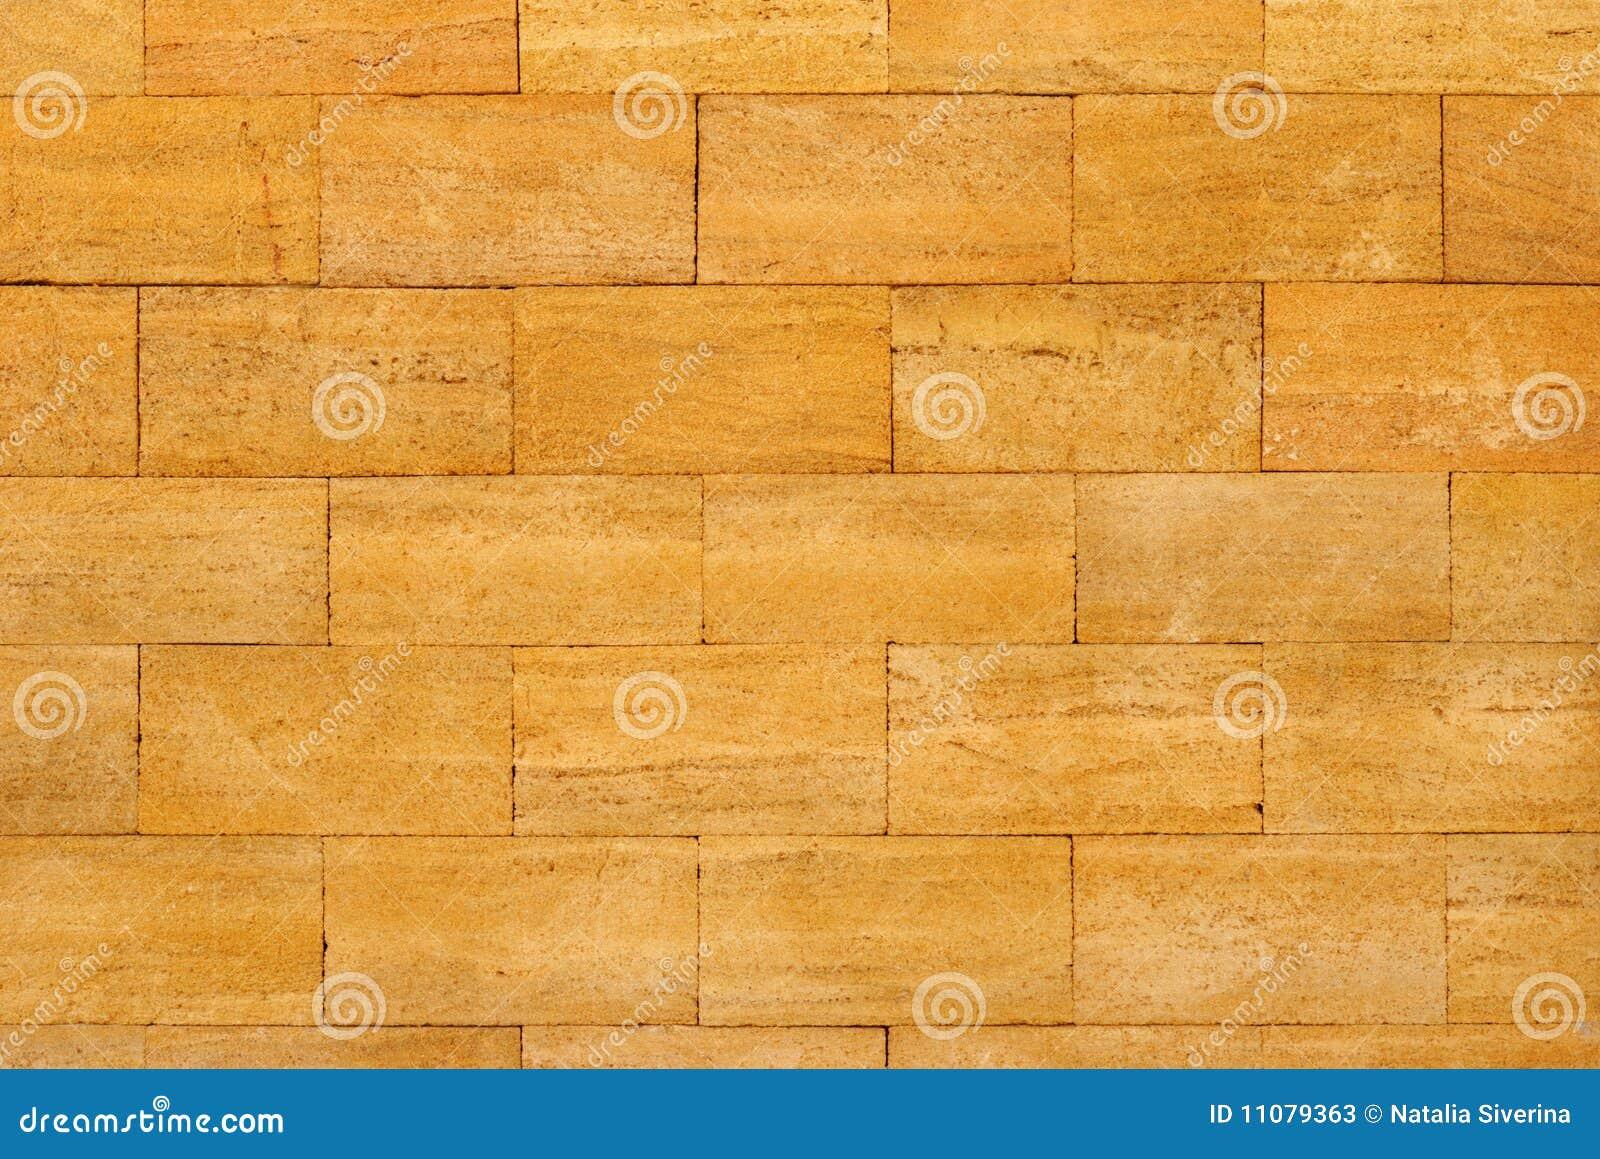 Coquina Wall Stock Photos Image 11079363